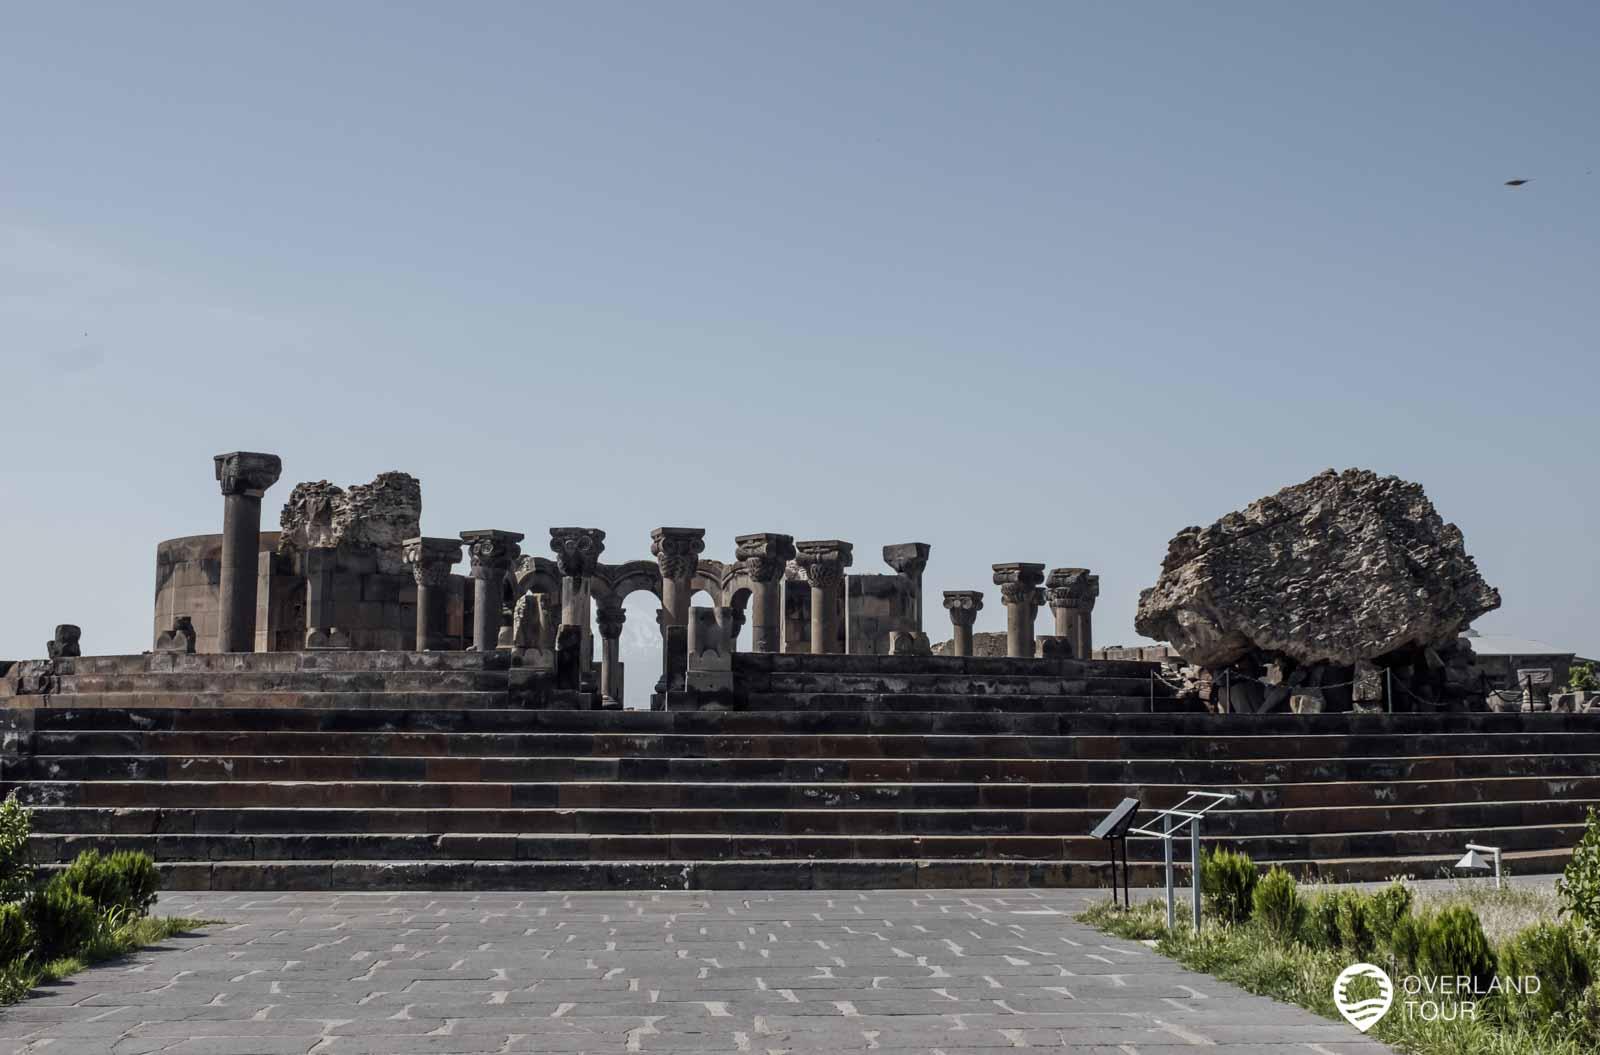 Die Ausgrabungsstätte Swartnoz wurde im Jahre 2000 in die UNESCO Weltkulturerbeliste aufgenommen